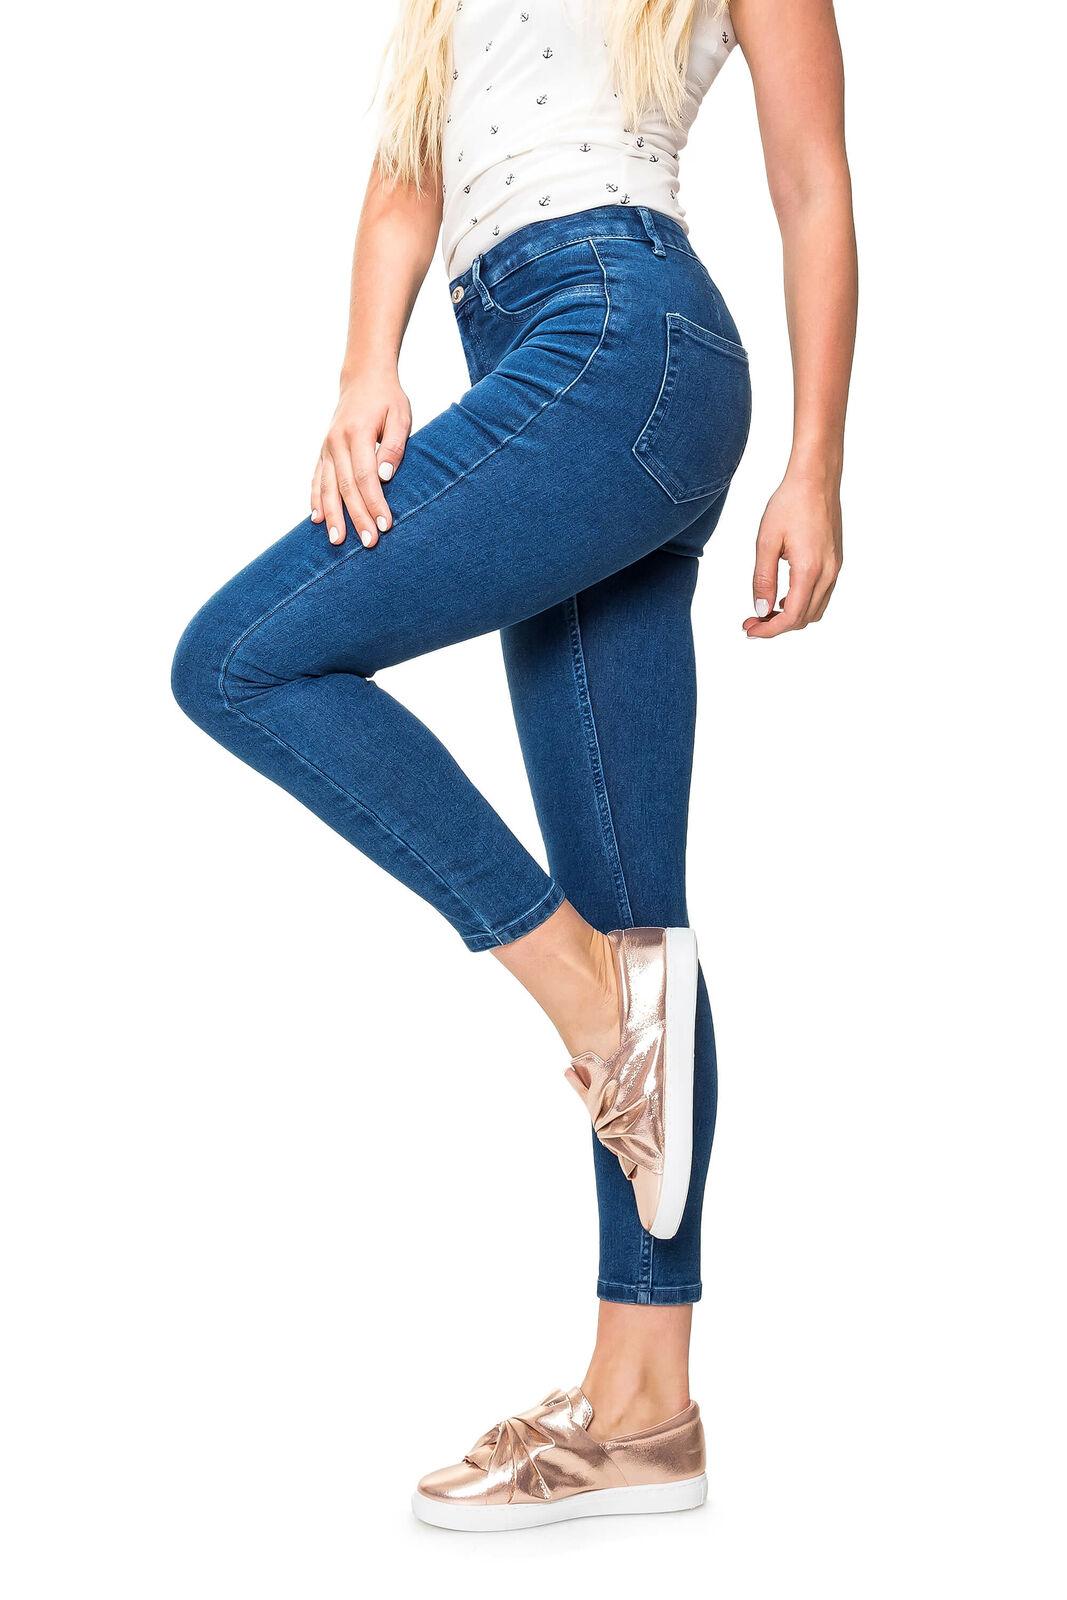 Only Damen Skinny Slim Jeans Stretch Damenhose Jeanshose Lange Hose Grey Denim